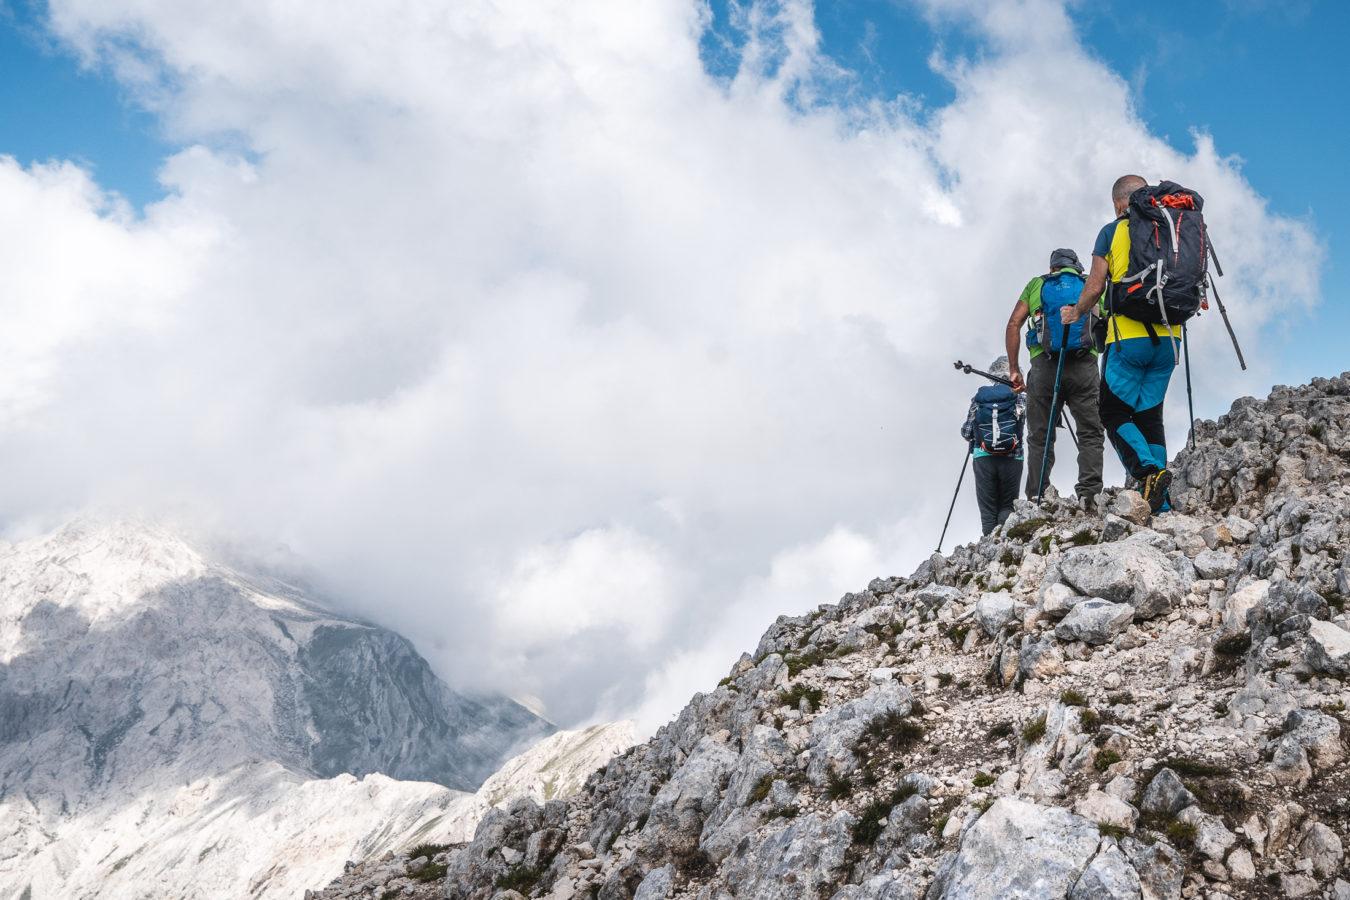 Consigli pratici per chi approccia al trekking. La nostra guida